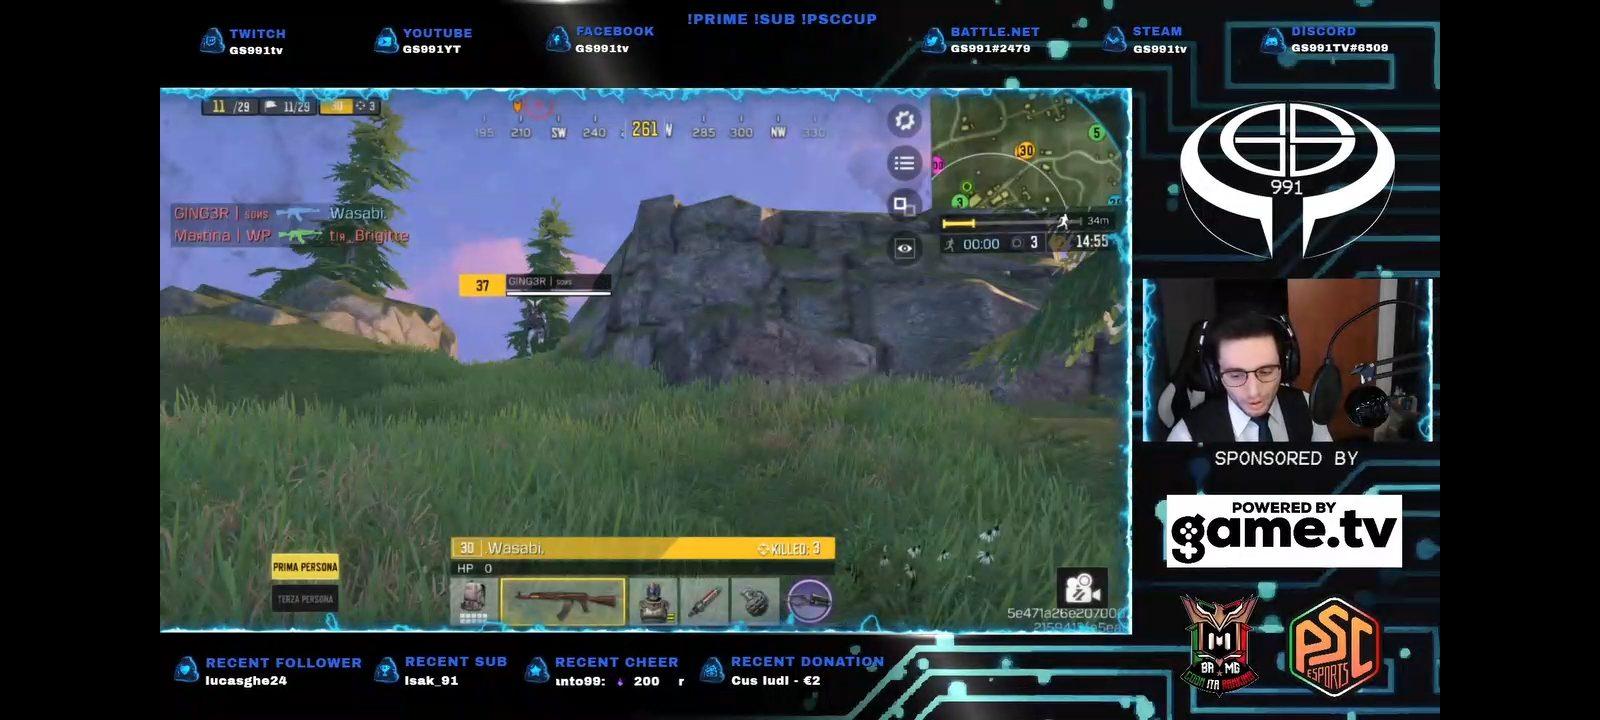 Stream Twitch par GS991tv sur un tournoi Call of Duty Mobile avec Game.tv